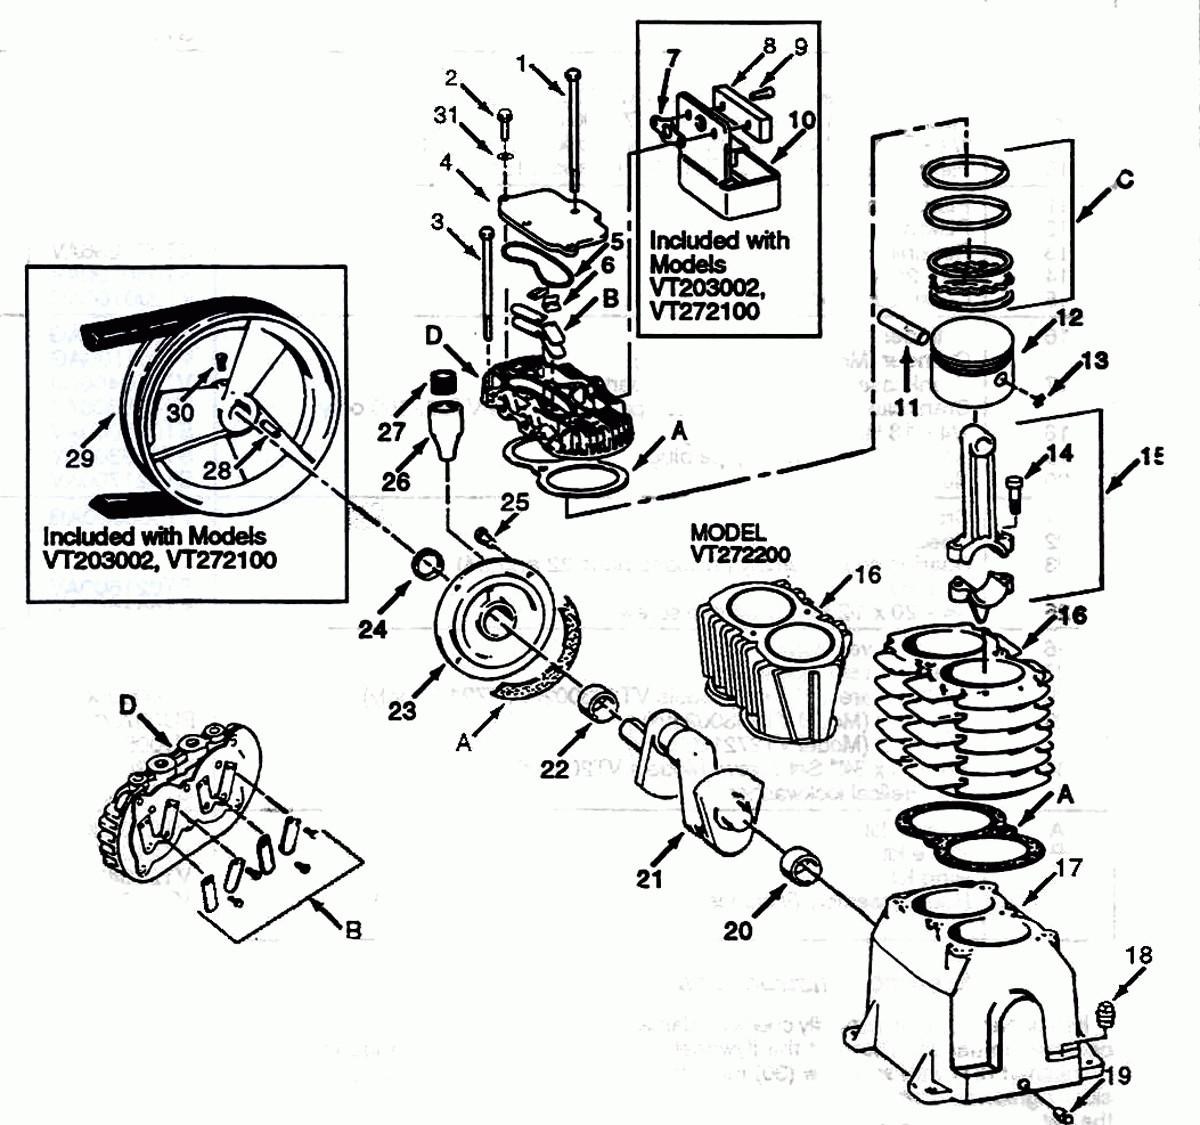 Campbell Hausfeld Air Compressor Parts Diagram 47 Ingersoll Rand Compressor Parts Diagram Ga5q Diagramalimb